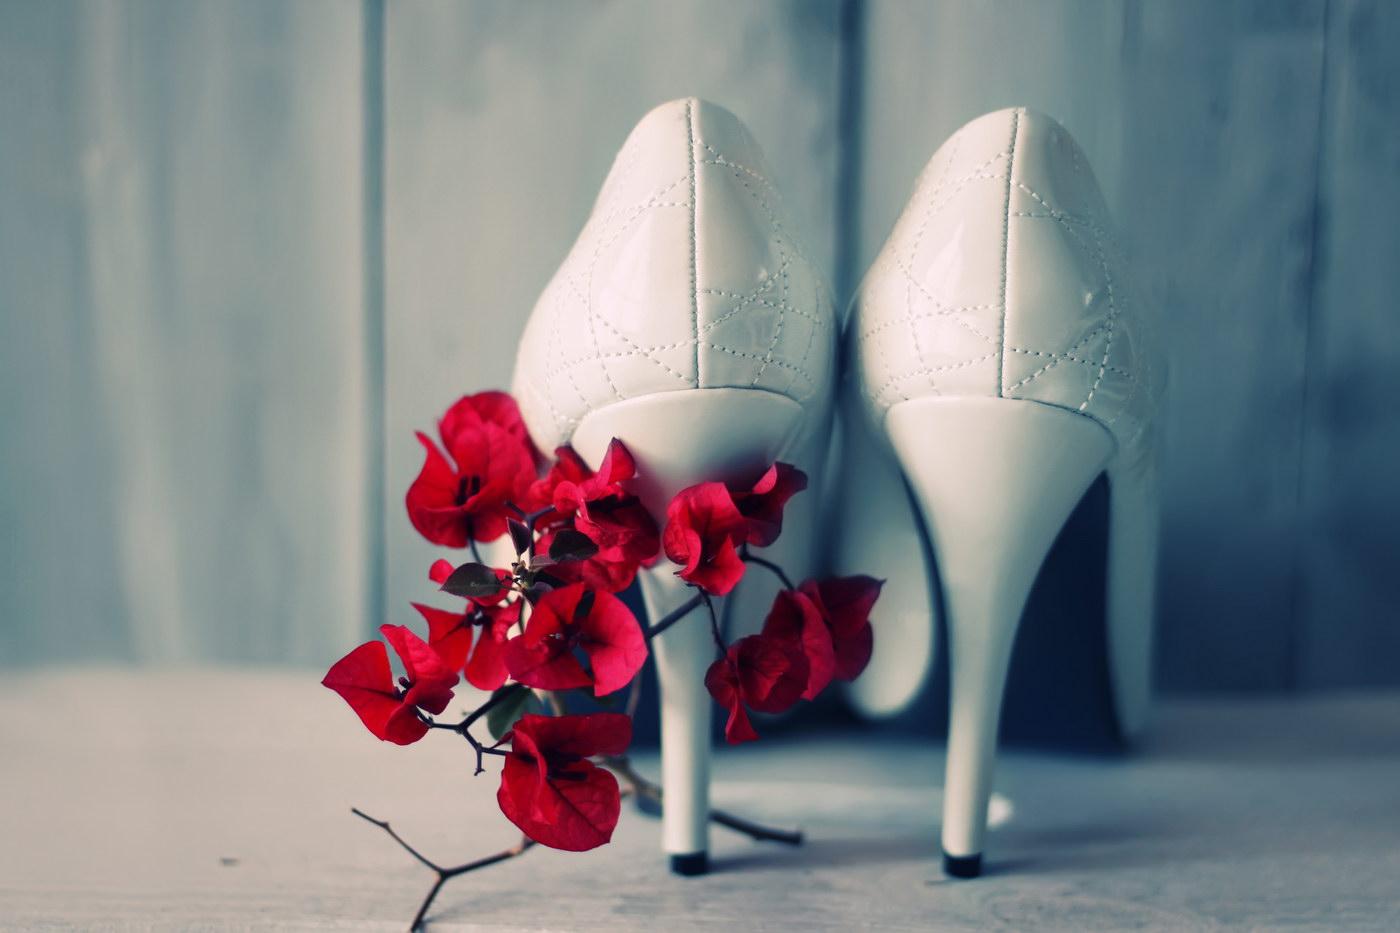 Activitati care te scapa de stresul organizarii nuntii